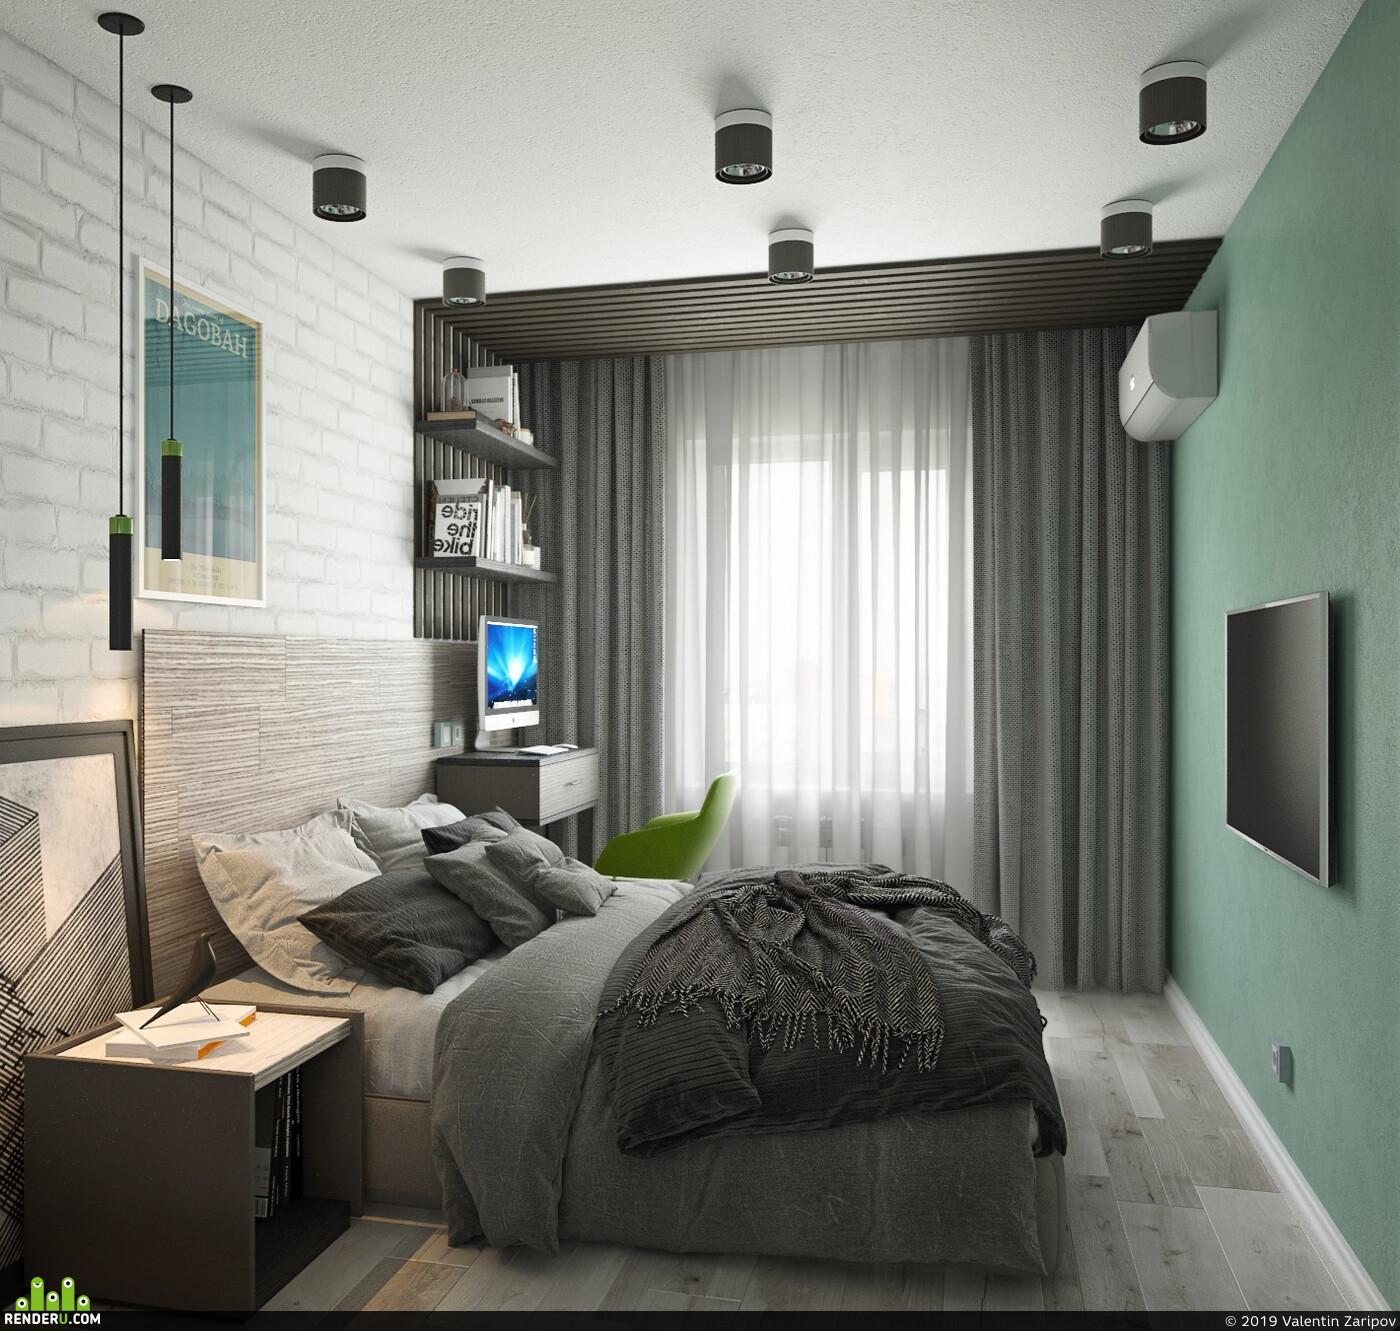 Визуализация, интерьер, визуализация интерьера, дизайн, Дизайн Проект, дизайн интерьера, Спальня, дизайн спальни, интерьер спальни, кровать